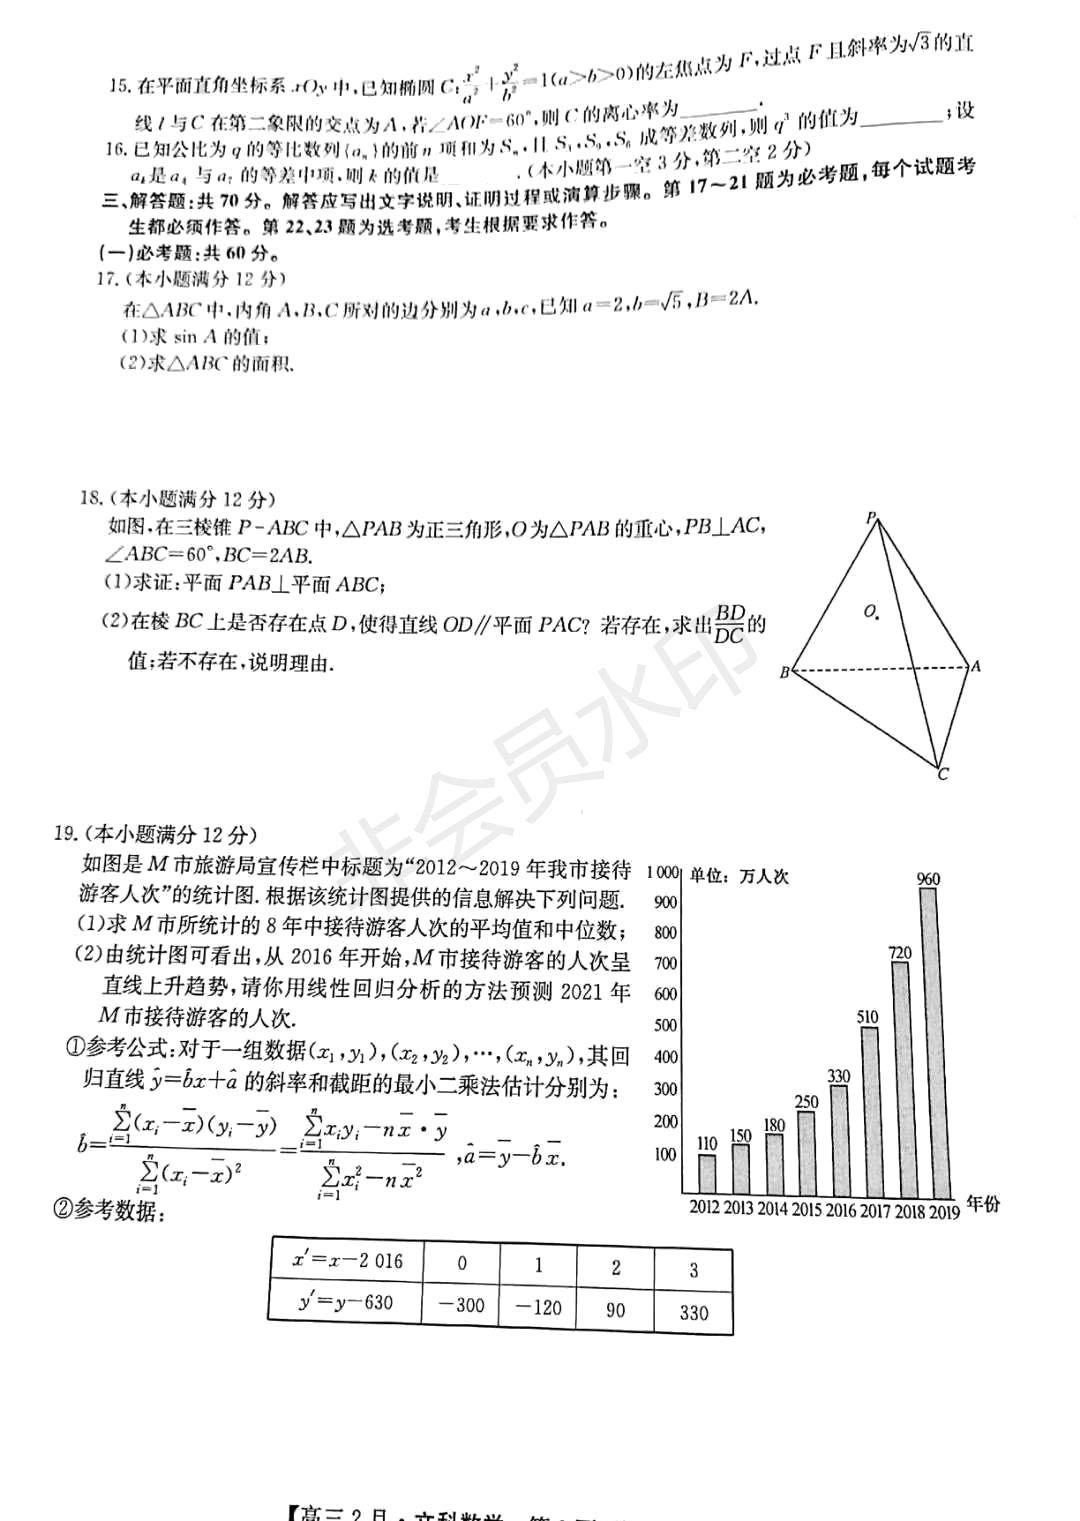 2021届河南省九师联盟高三下学期二月联考数学文试卷及答案图3